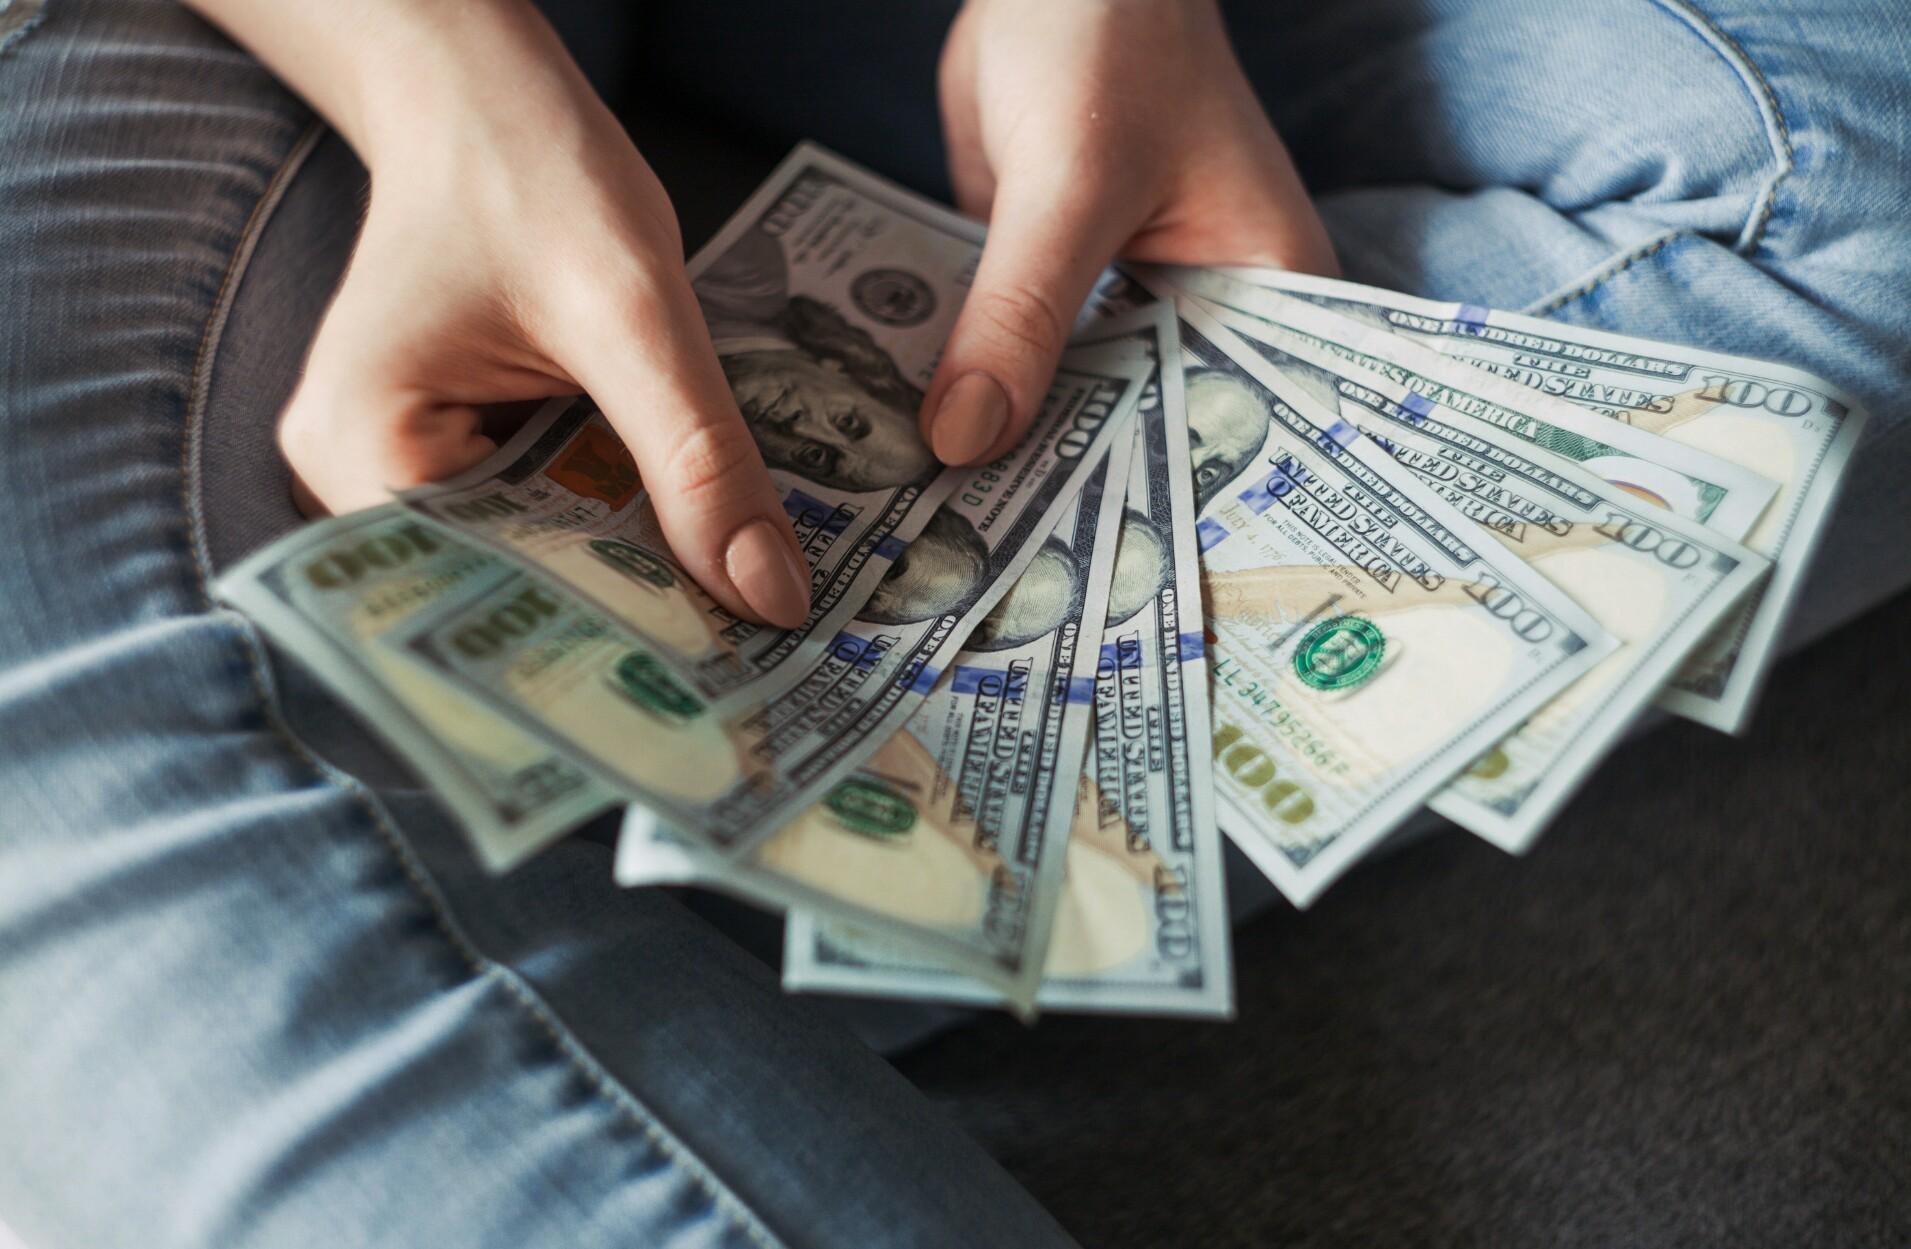 इंस्टाग्राम से पैसा कैसे कमाये । how to earn money on instagram